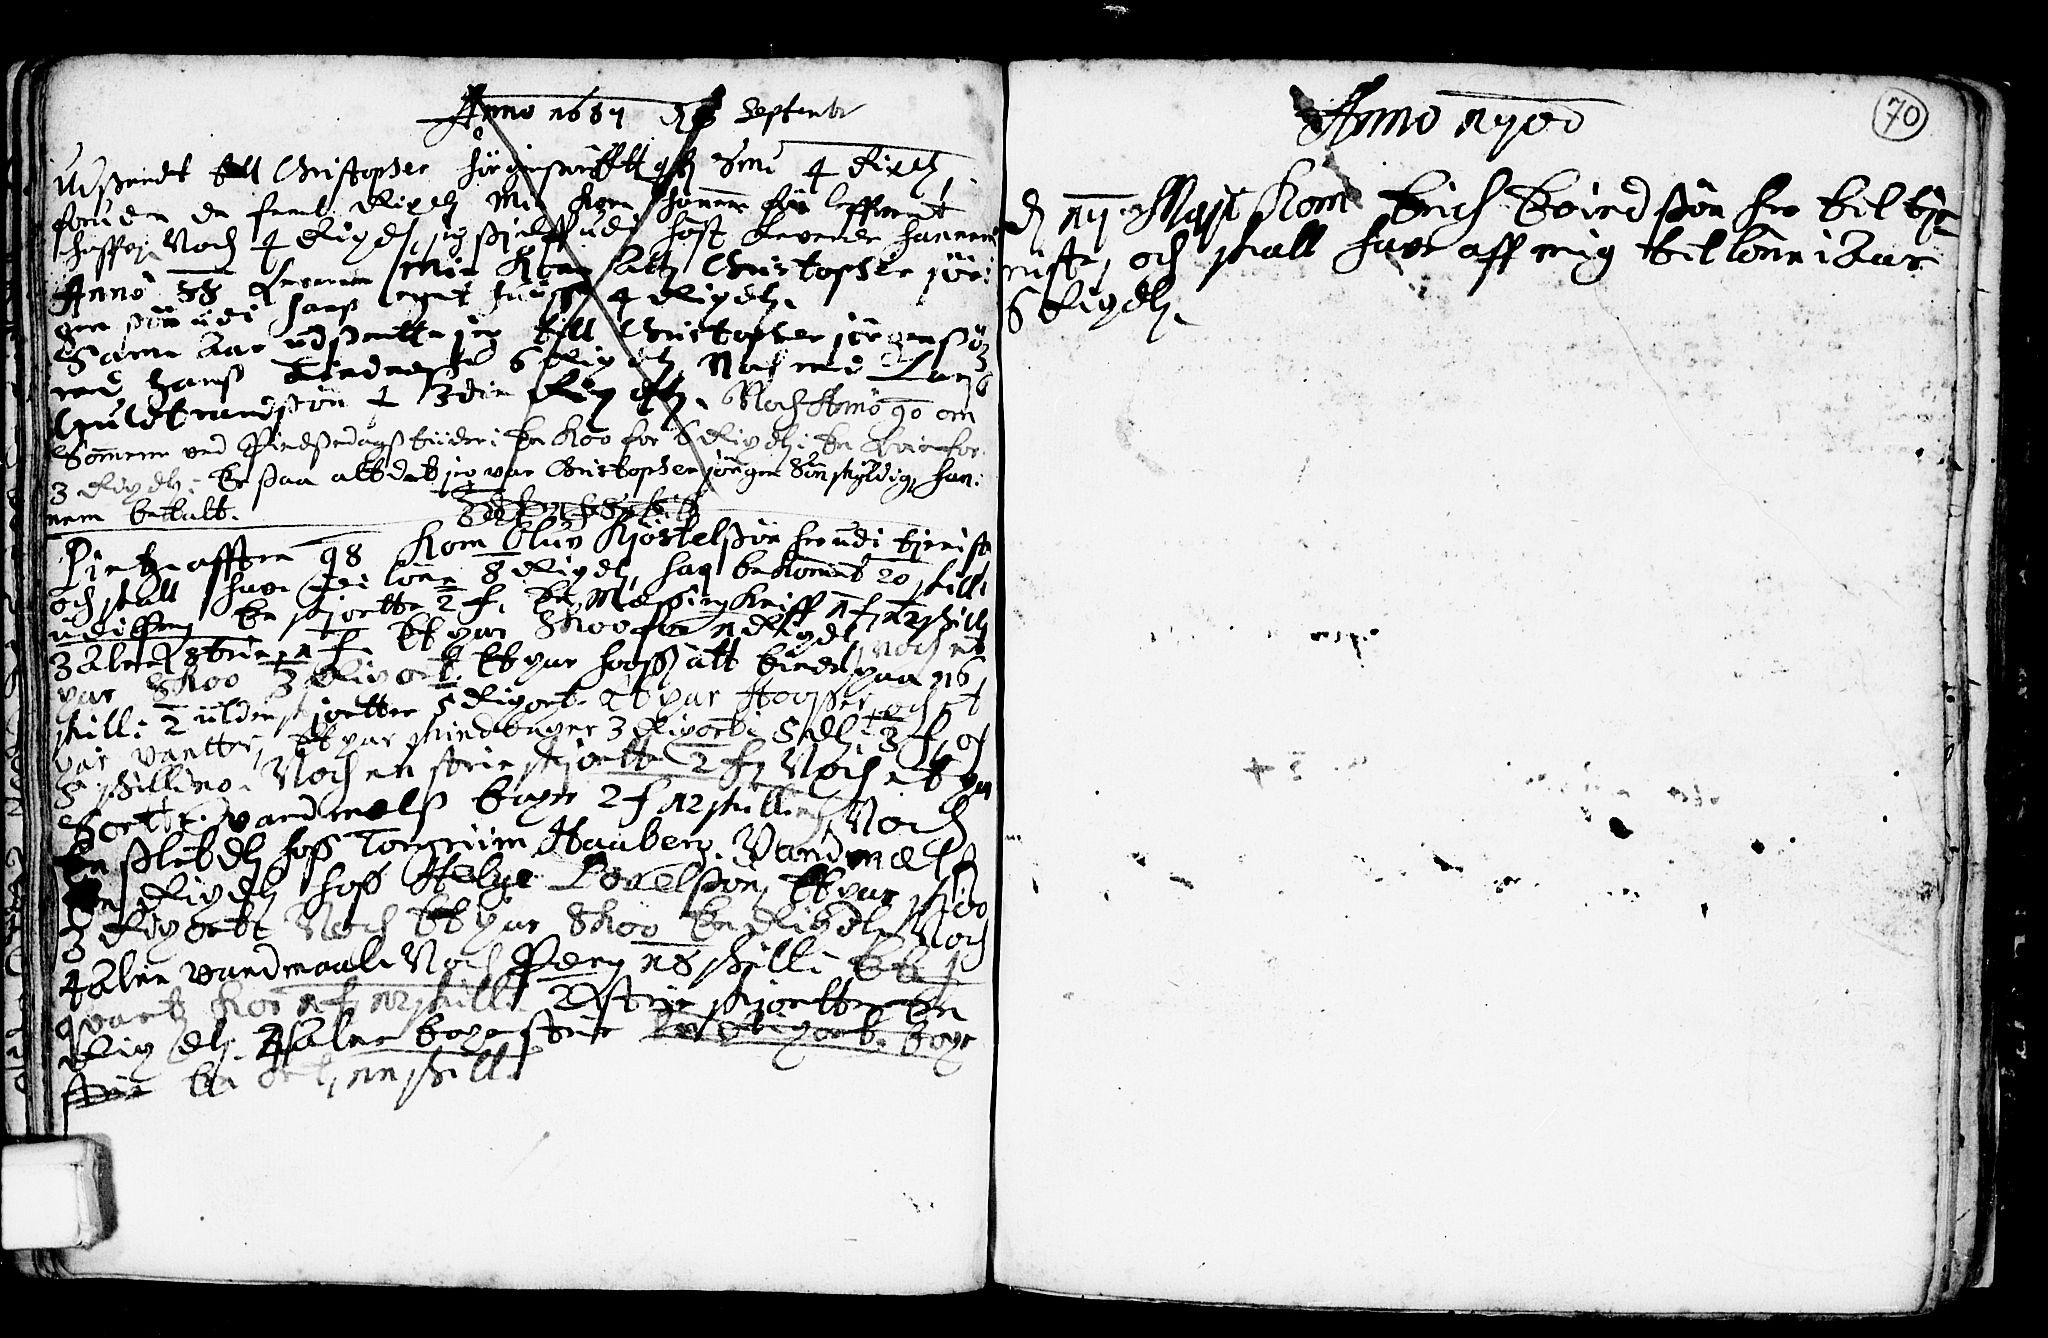 SAKO, Heddal kirkebøker, F/Fa/L0001: Ministerialbok nr. I 1, 1648-1699, s. 70